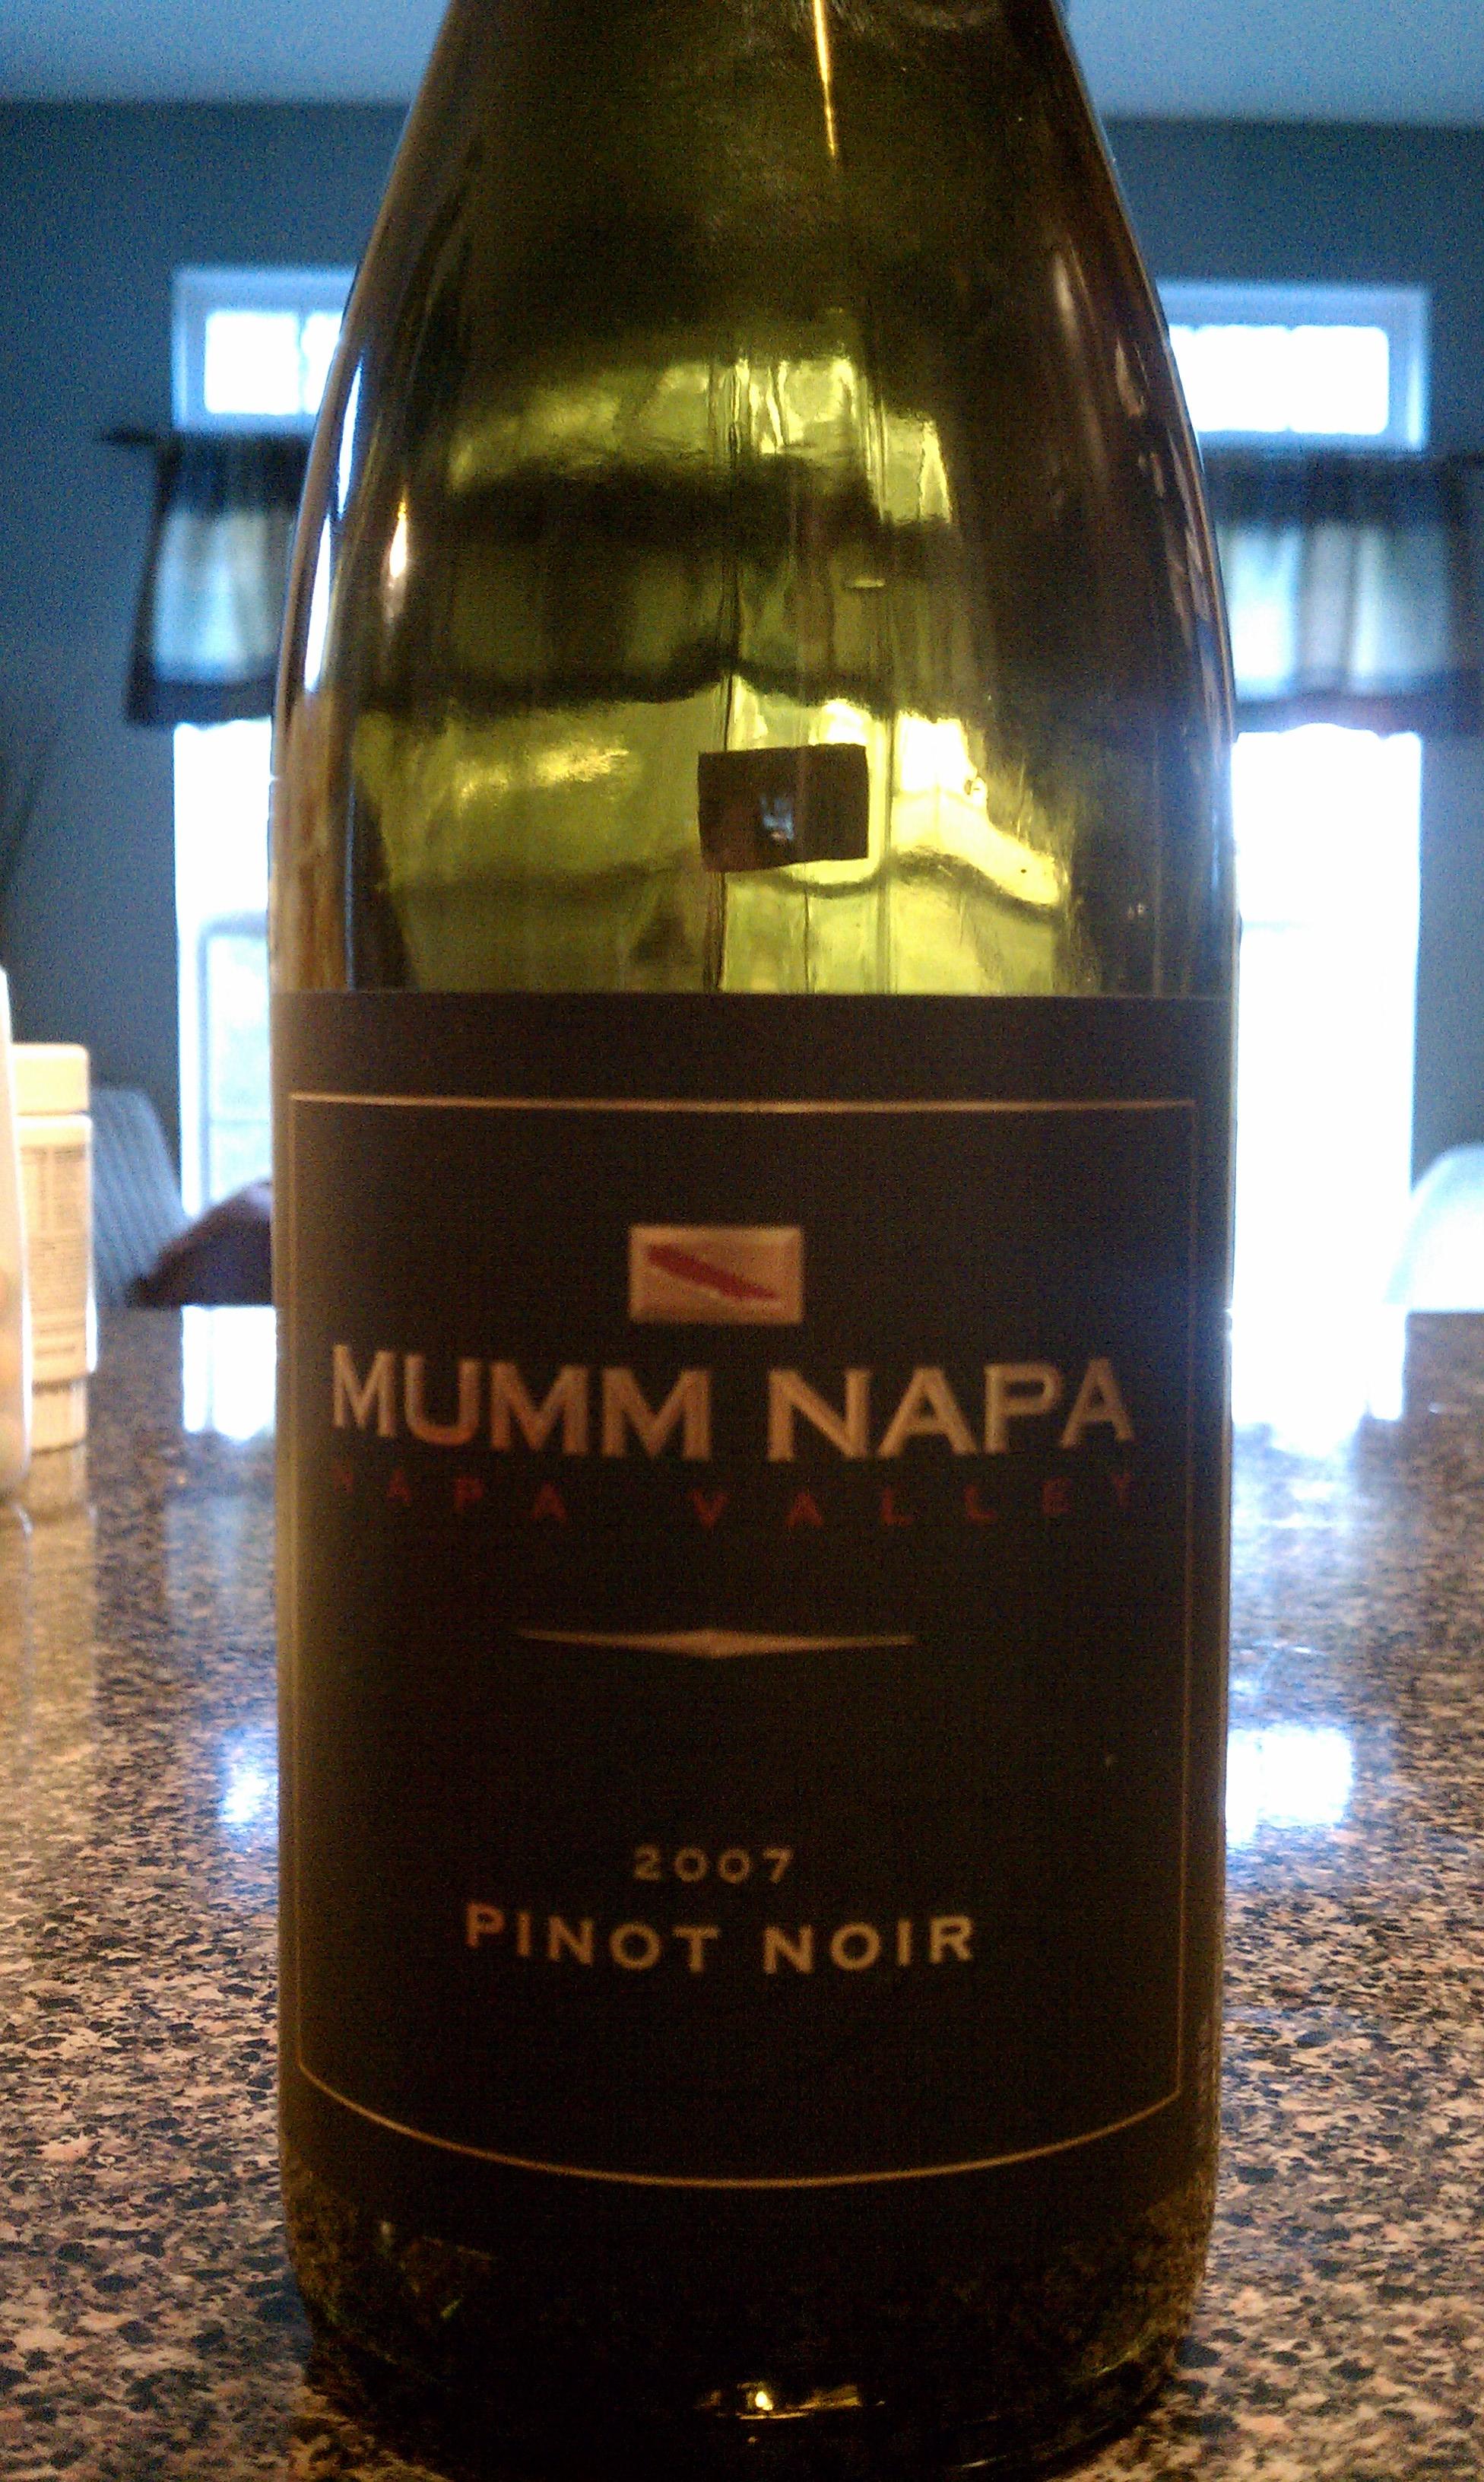 2007 Mumm Napa Pinot Noir